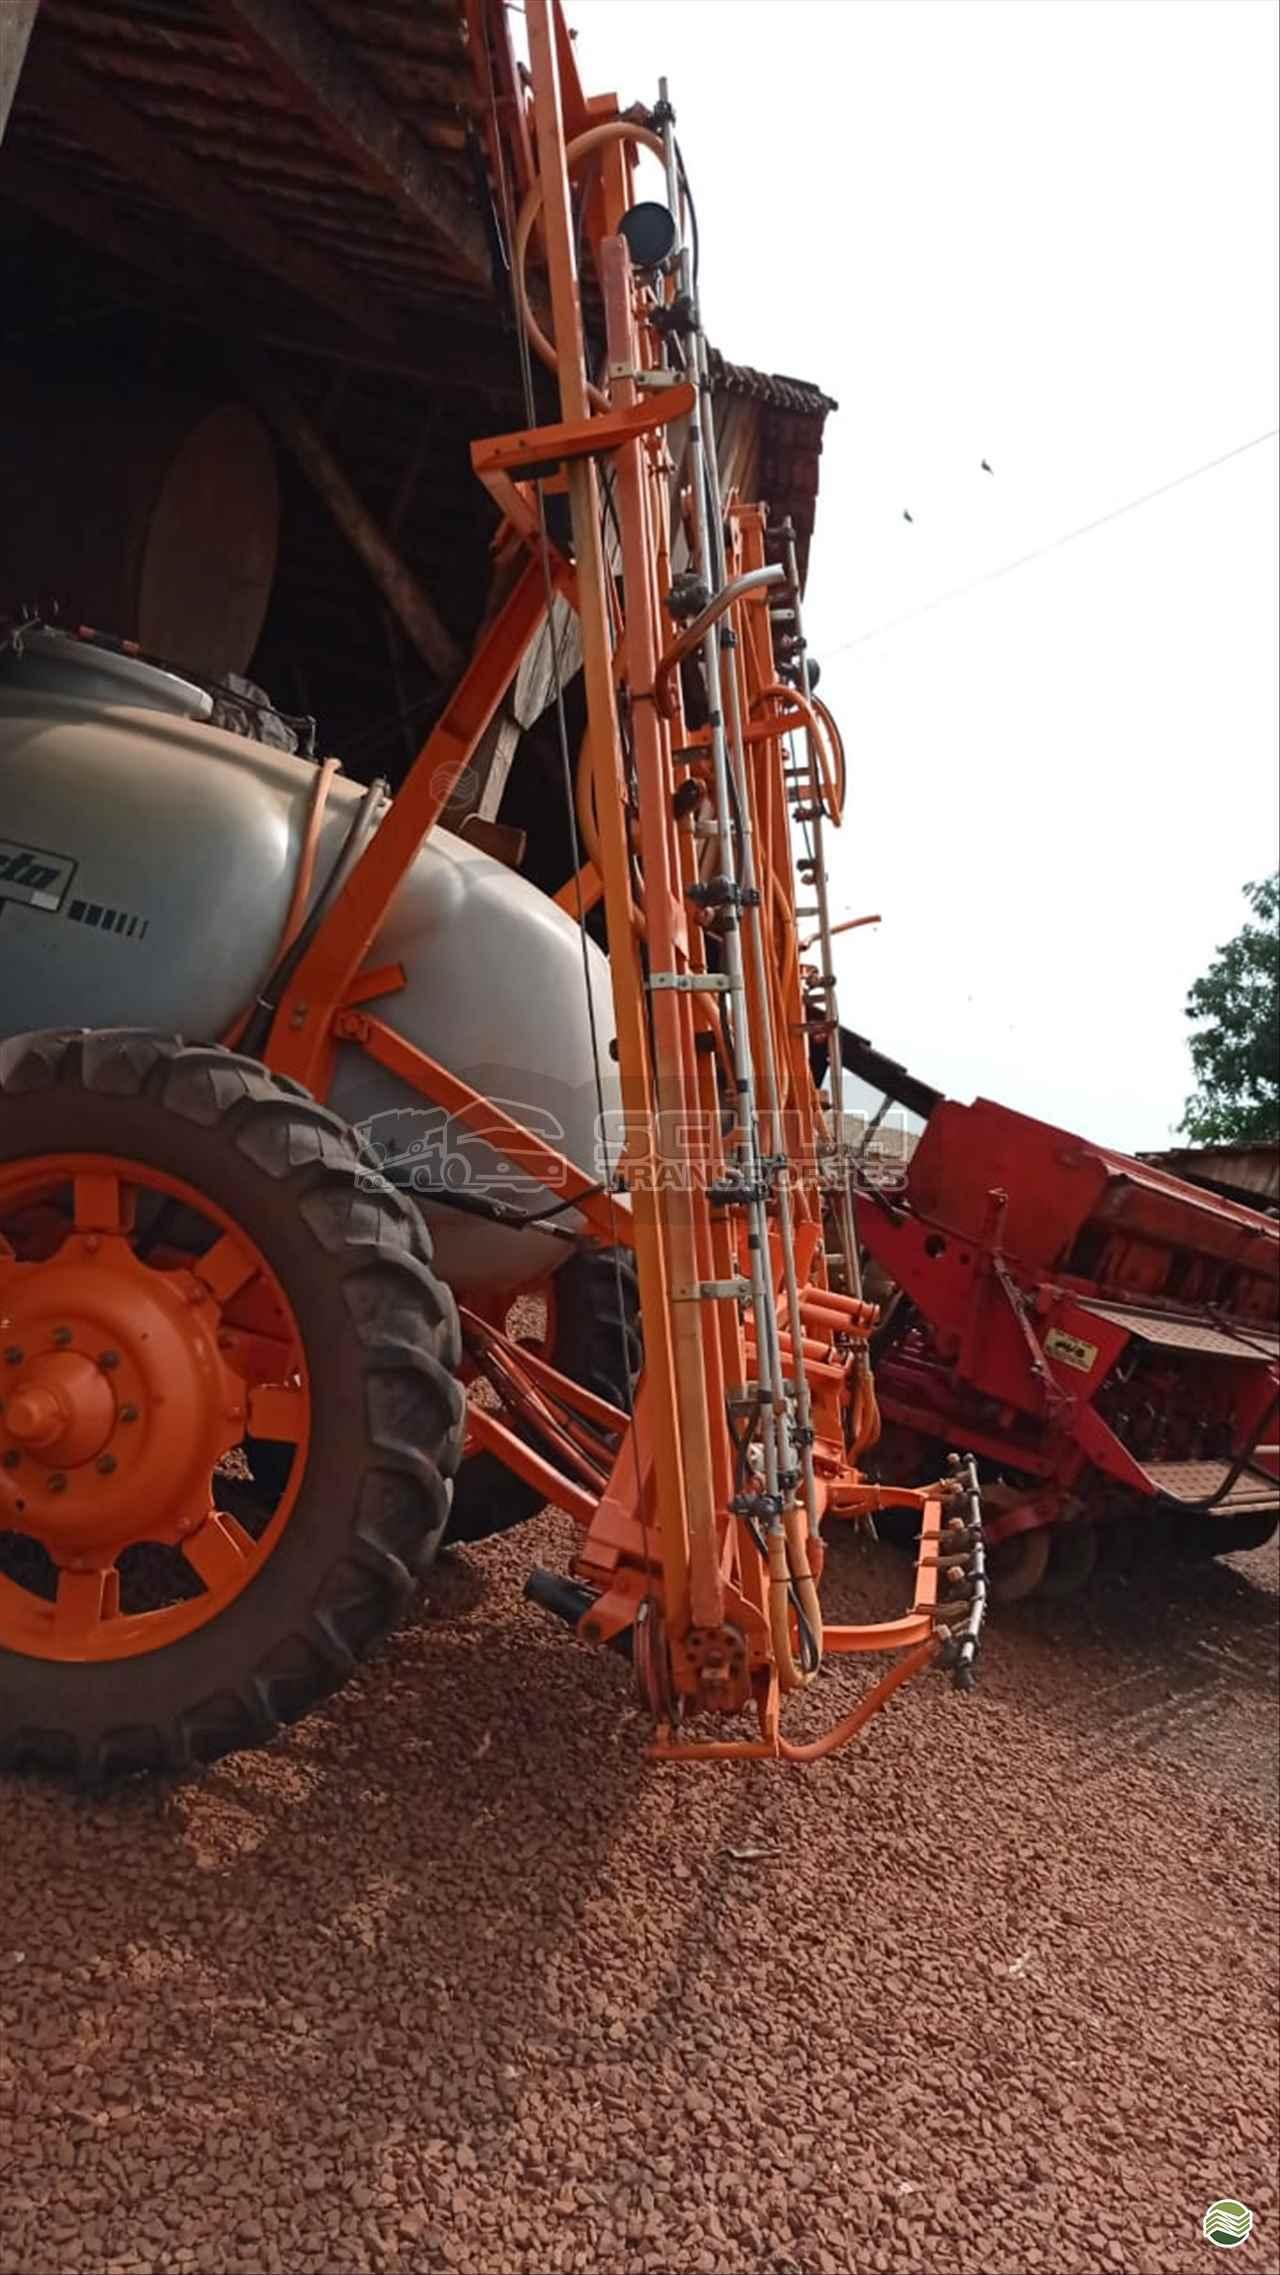 PULVERIZADOR JACTO ADVANCE 2000 AM18 Arrasto Schuh Transportes e Vendas Agrícolas MARECHAL CANDIDO RONDON PARANÁ PR